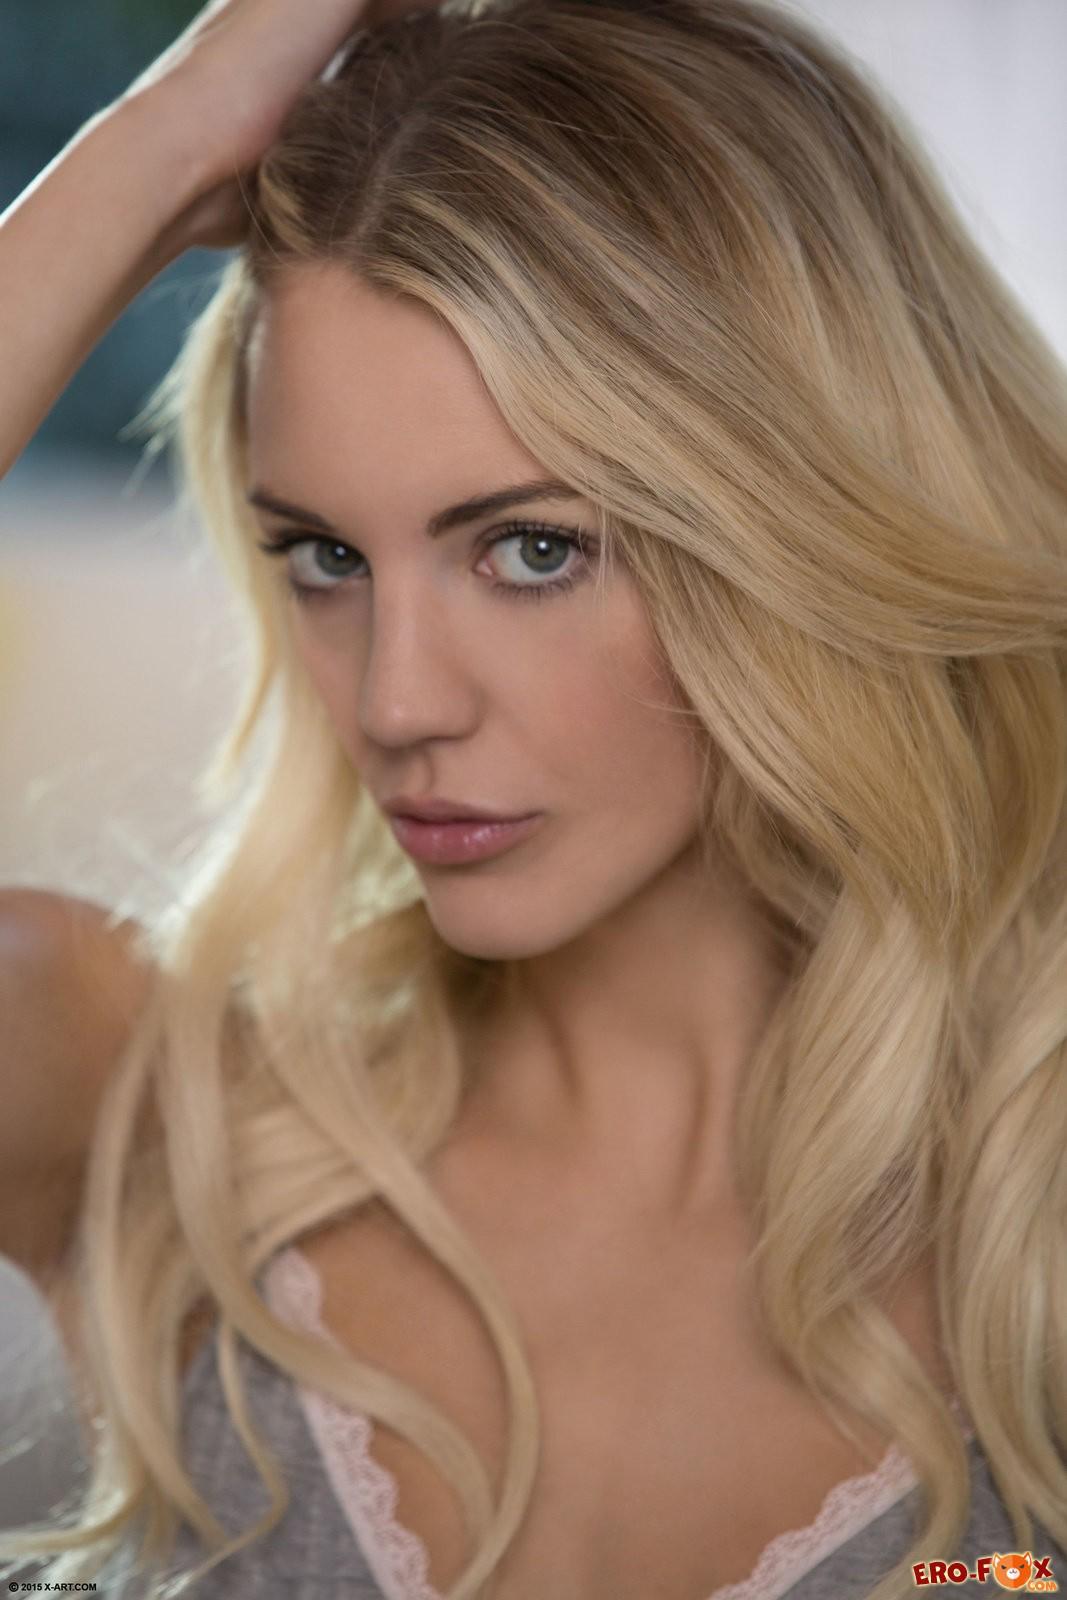 Голая блондинка в белых гольфах » Эротикасмотреть лучшую фото эротику бесплатно.